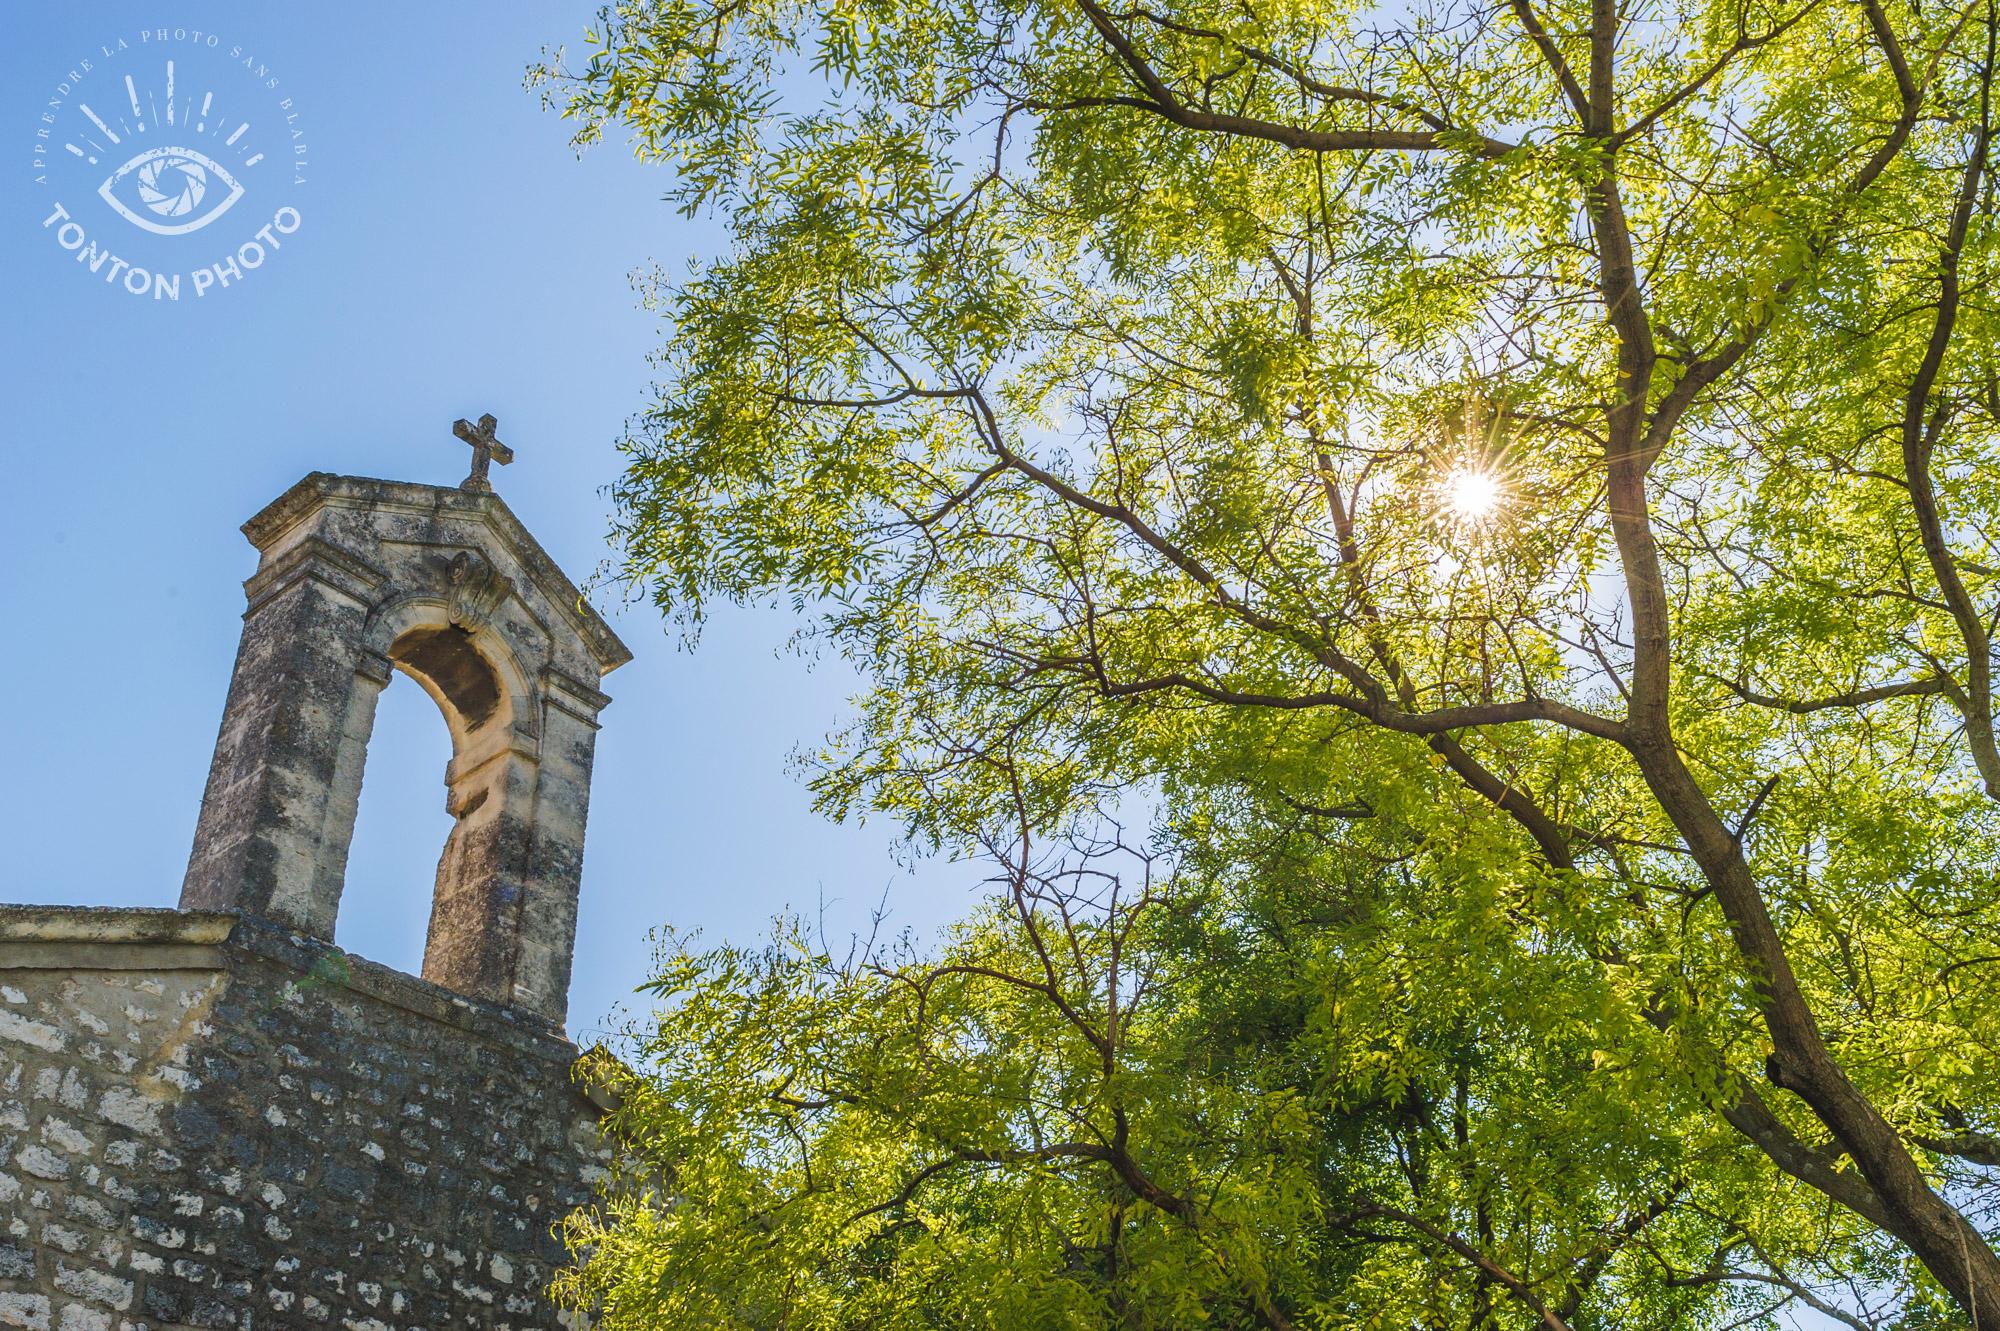 En cachant partiellement le soleil derrière les troncs d'arbres, j'ai pu capturer le soleil haut dans le ciel sans pour autant tomber dans le piège du contre-jour. Drôme, France. © Tonton Photo